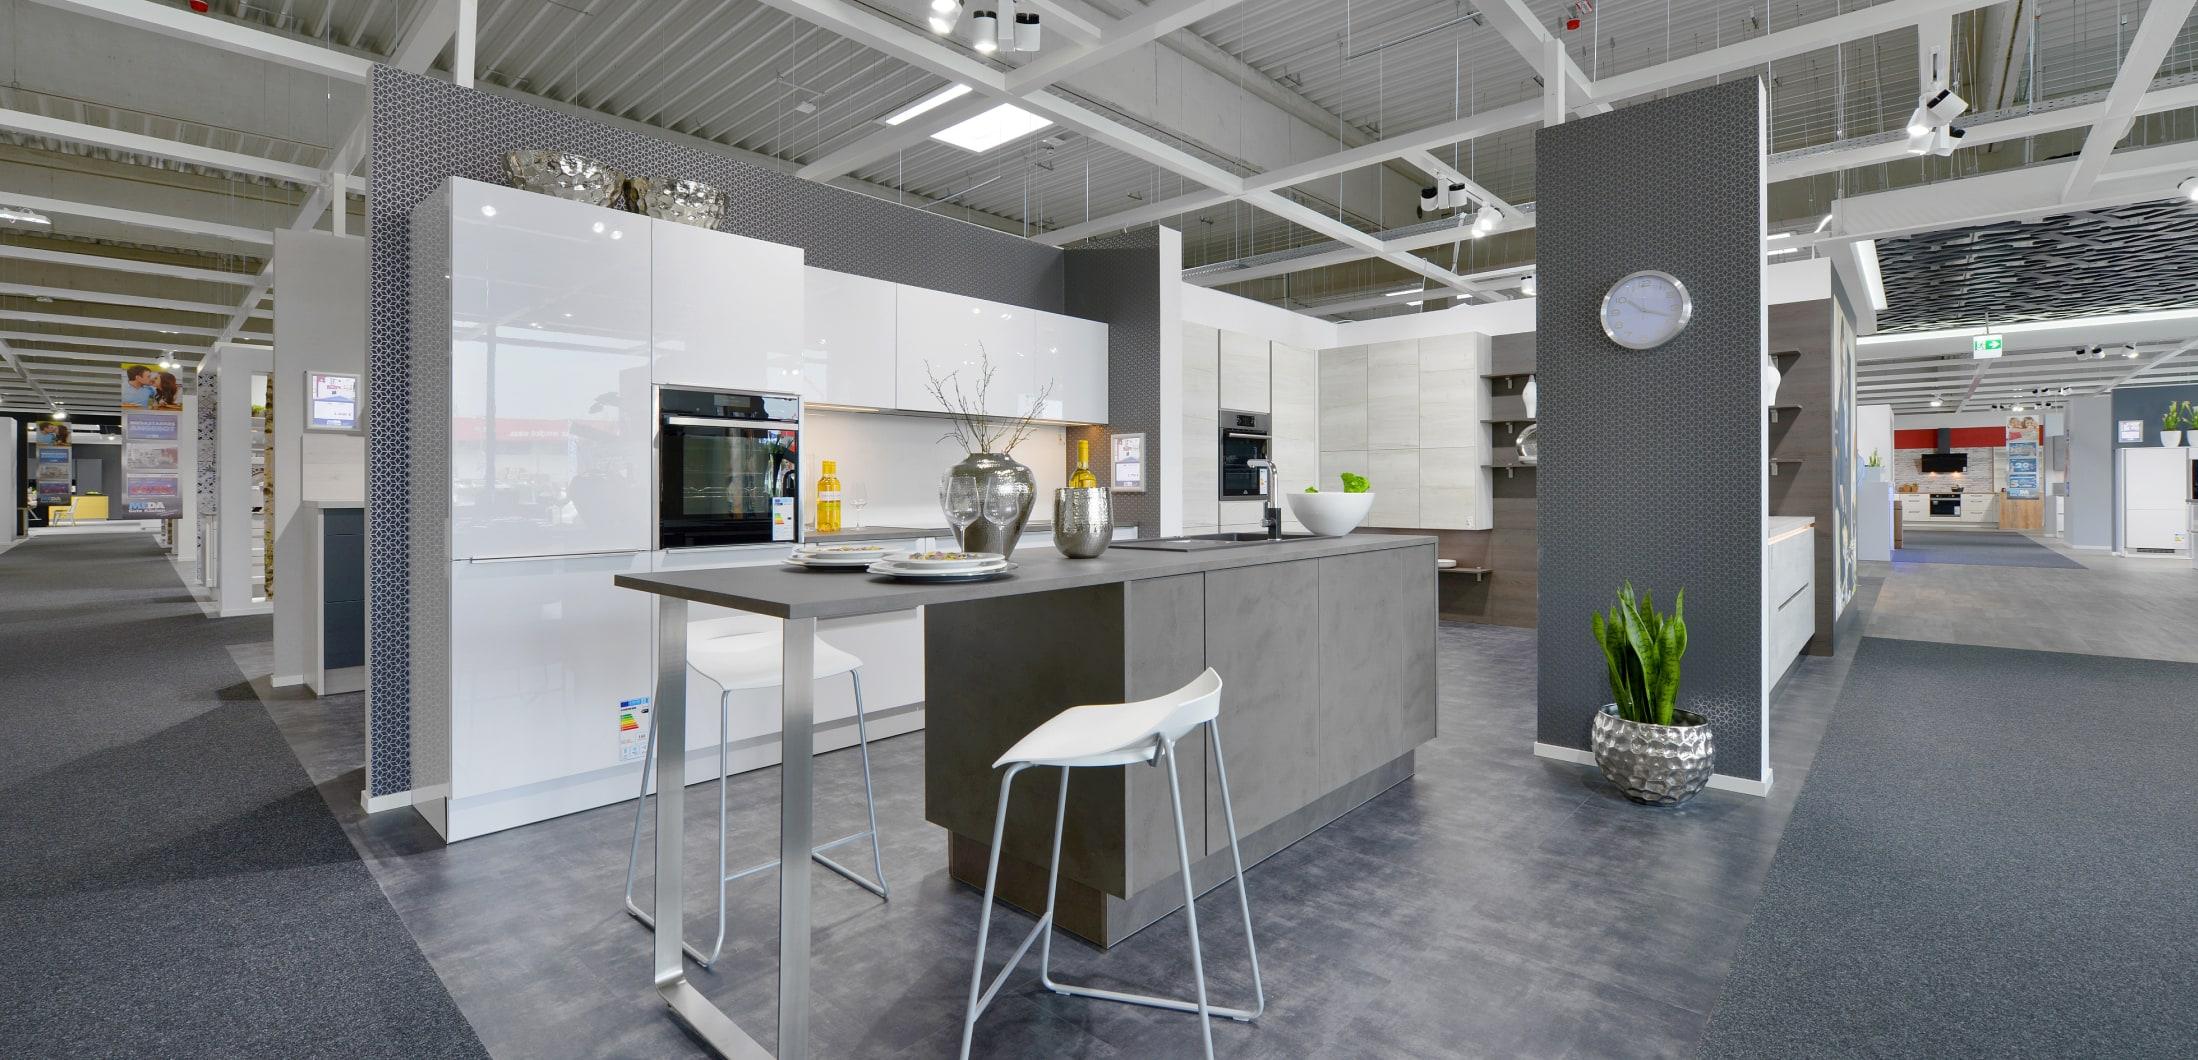 Designerküche mit klaren Linien